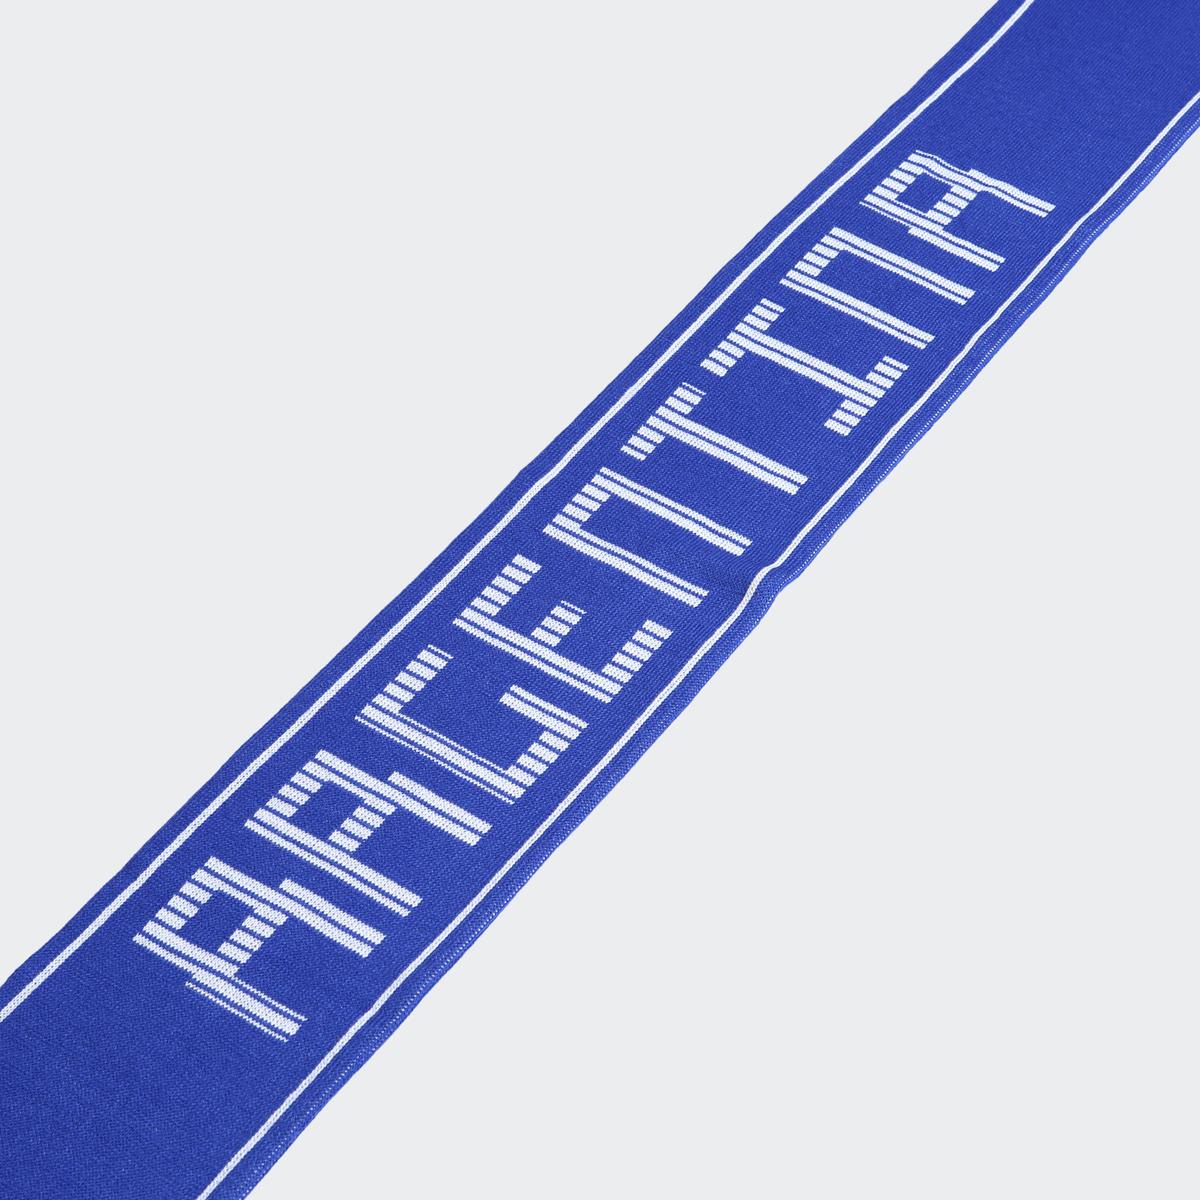 Шарф Adidas CF SCARF ARG, цвет: синий. CF5184. Размер универсальный